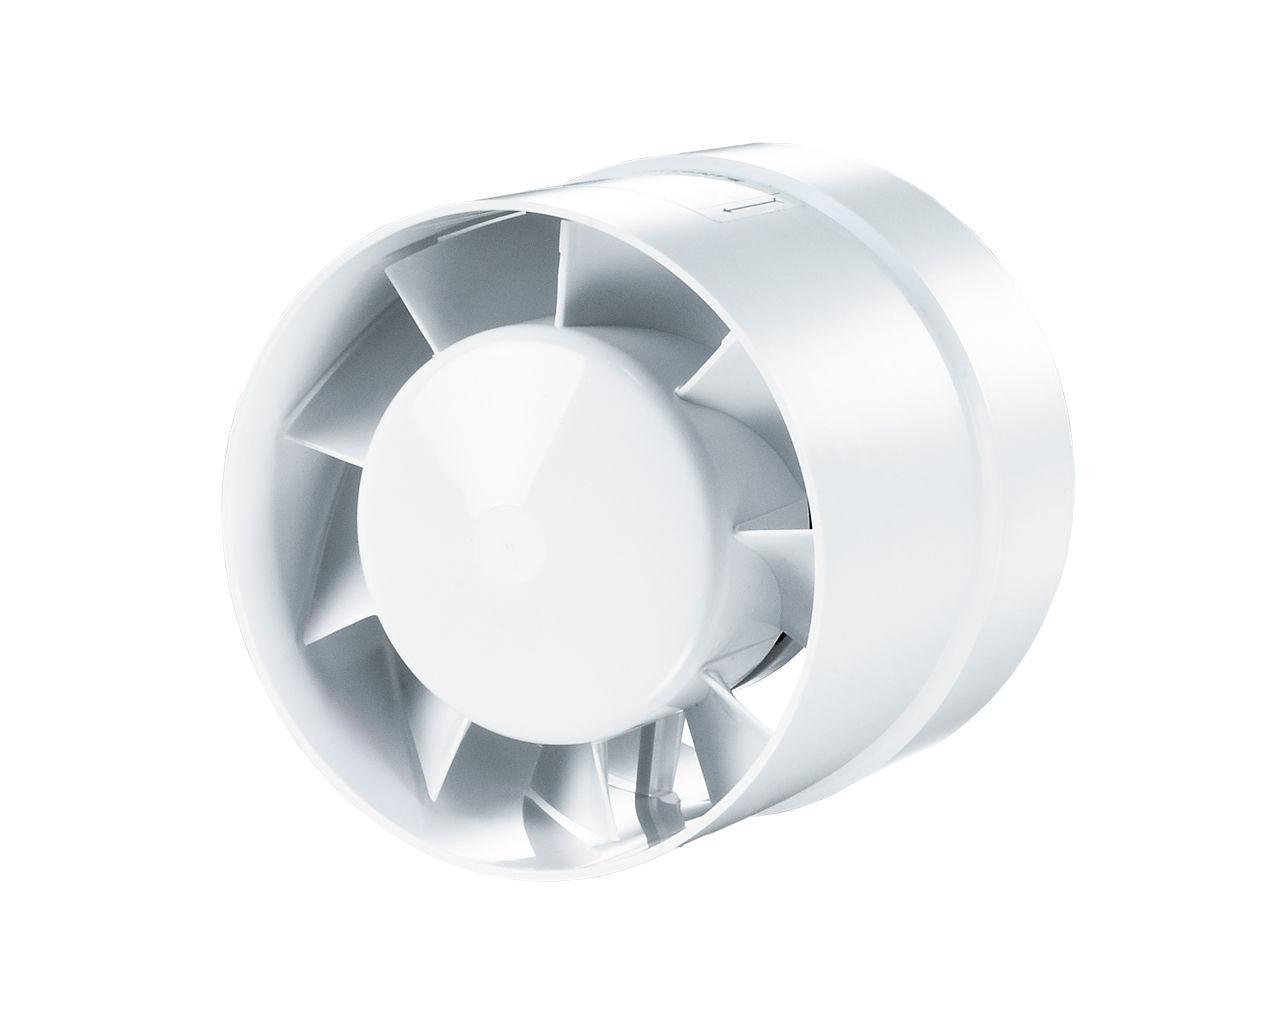 Вентиляторы Вентилятор ВЕНТС 125 ВКО Вентилятор_ВЕНТС_100_ВКО.jpeg